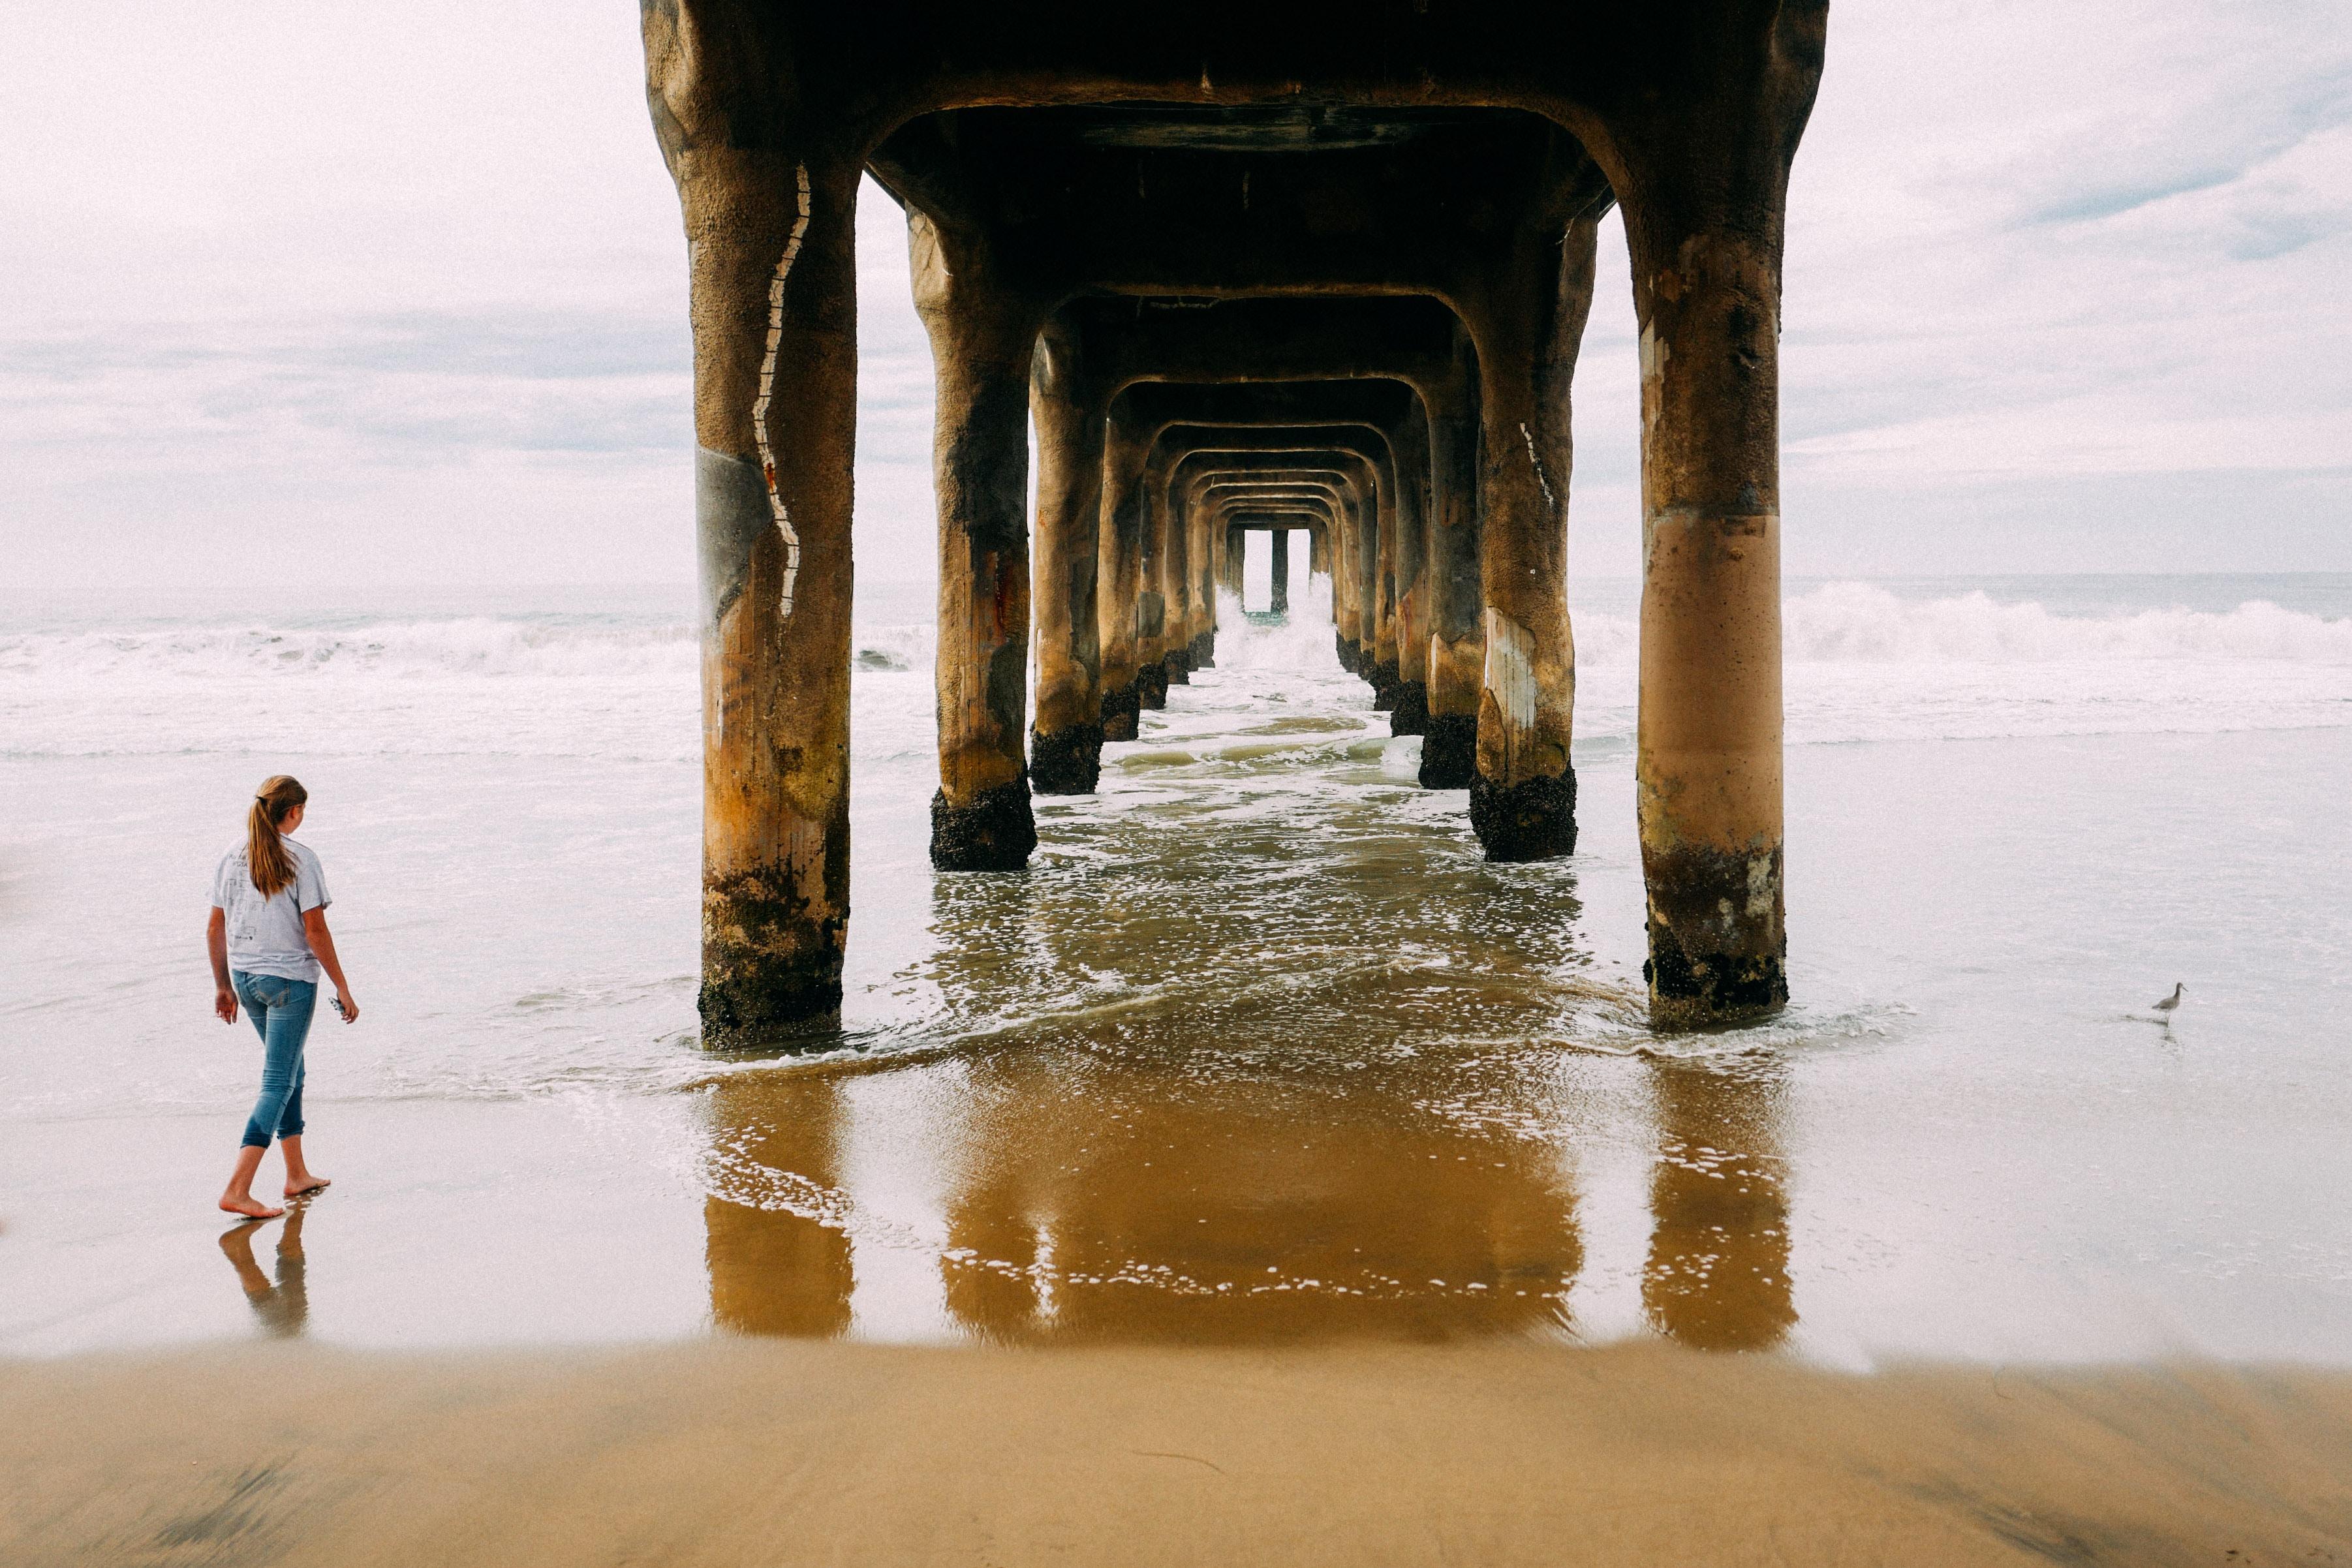 woman walking on seashore towards bridge pillars